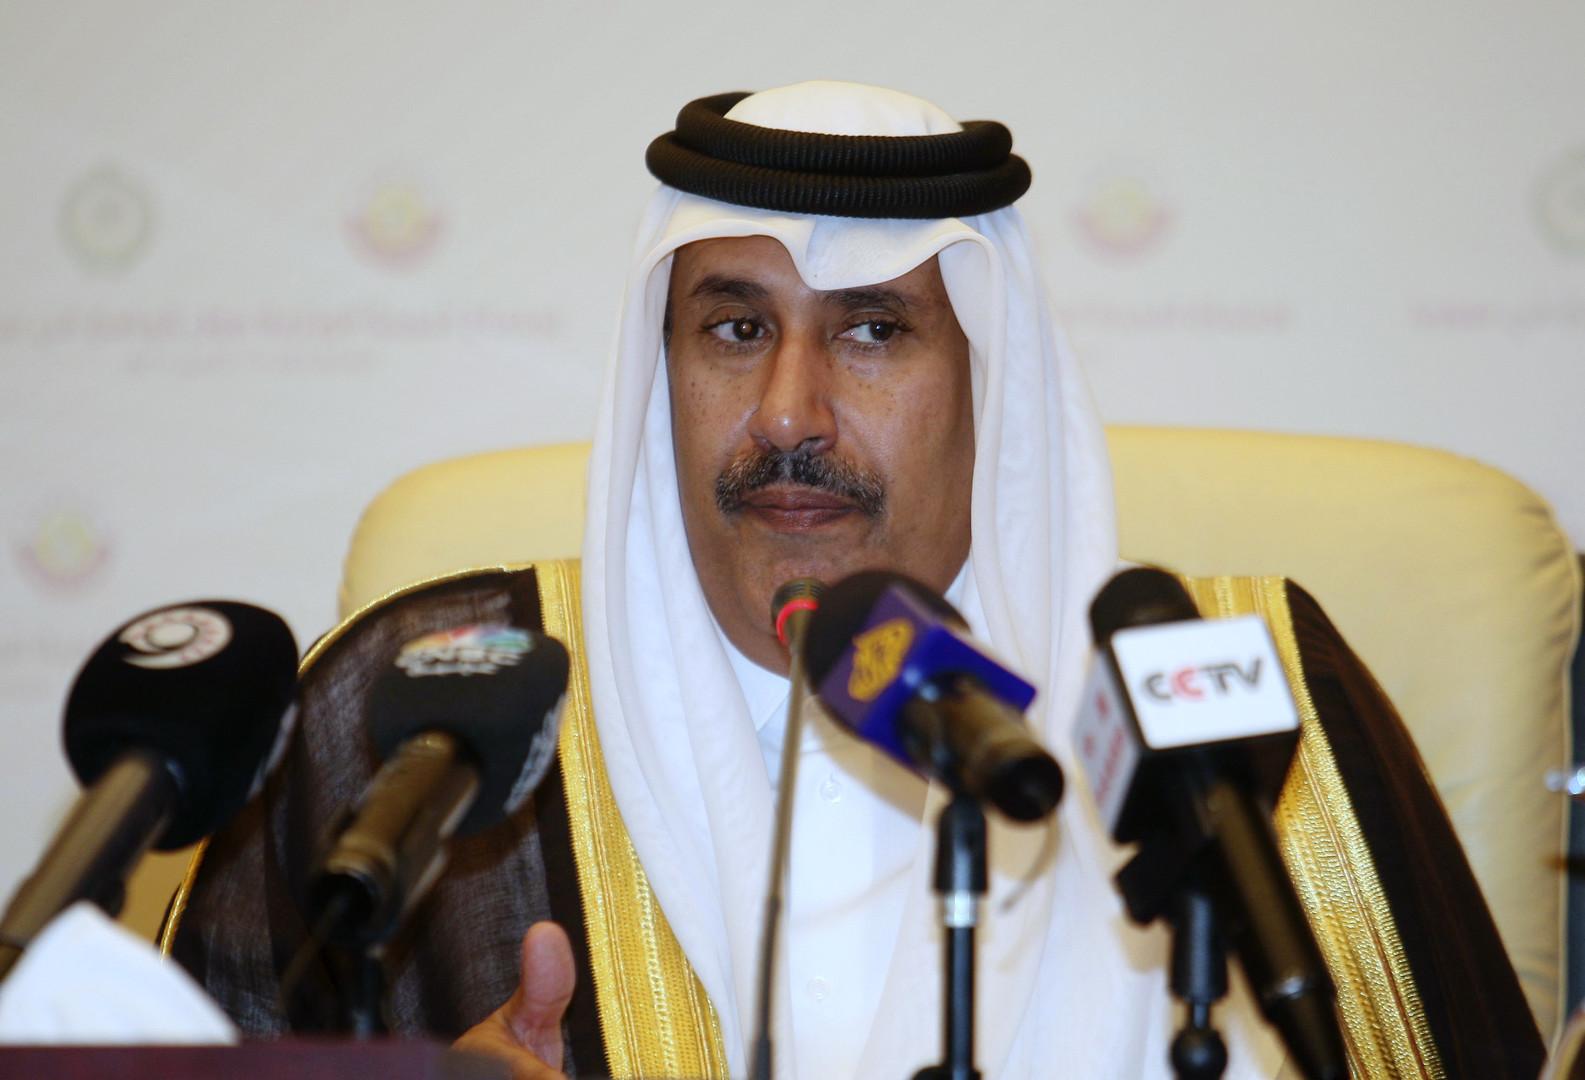 حمد بن جاسم آل ثاني: هذا ما نتمناه من القمم المنتظرة الثلاث وهذا ما نتوقعه!